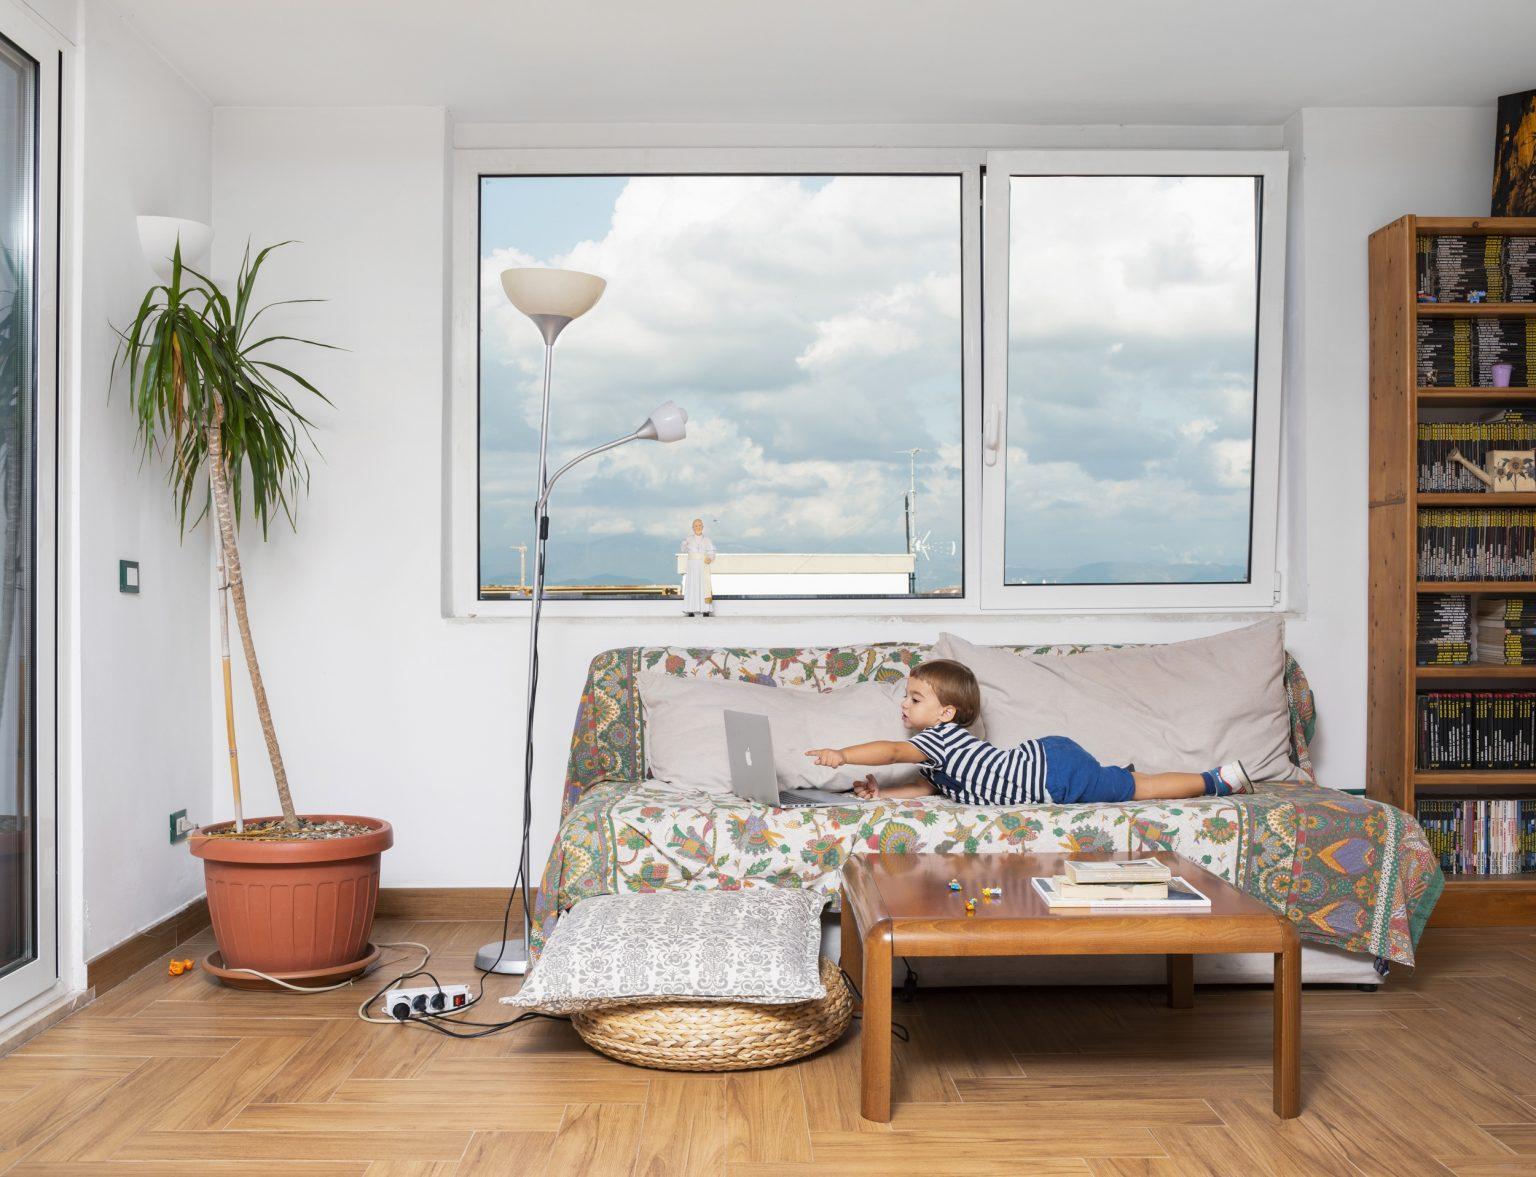 Italy, Rome, September 2018: Mattia, 3 years old, in the apartment where he lives with his family. / Italia, Roma, Settembre 2018: Mattia, 3 anni, nell'appartamento in cui vive con i suoi genitori. *Stitched photograph*